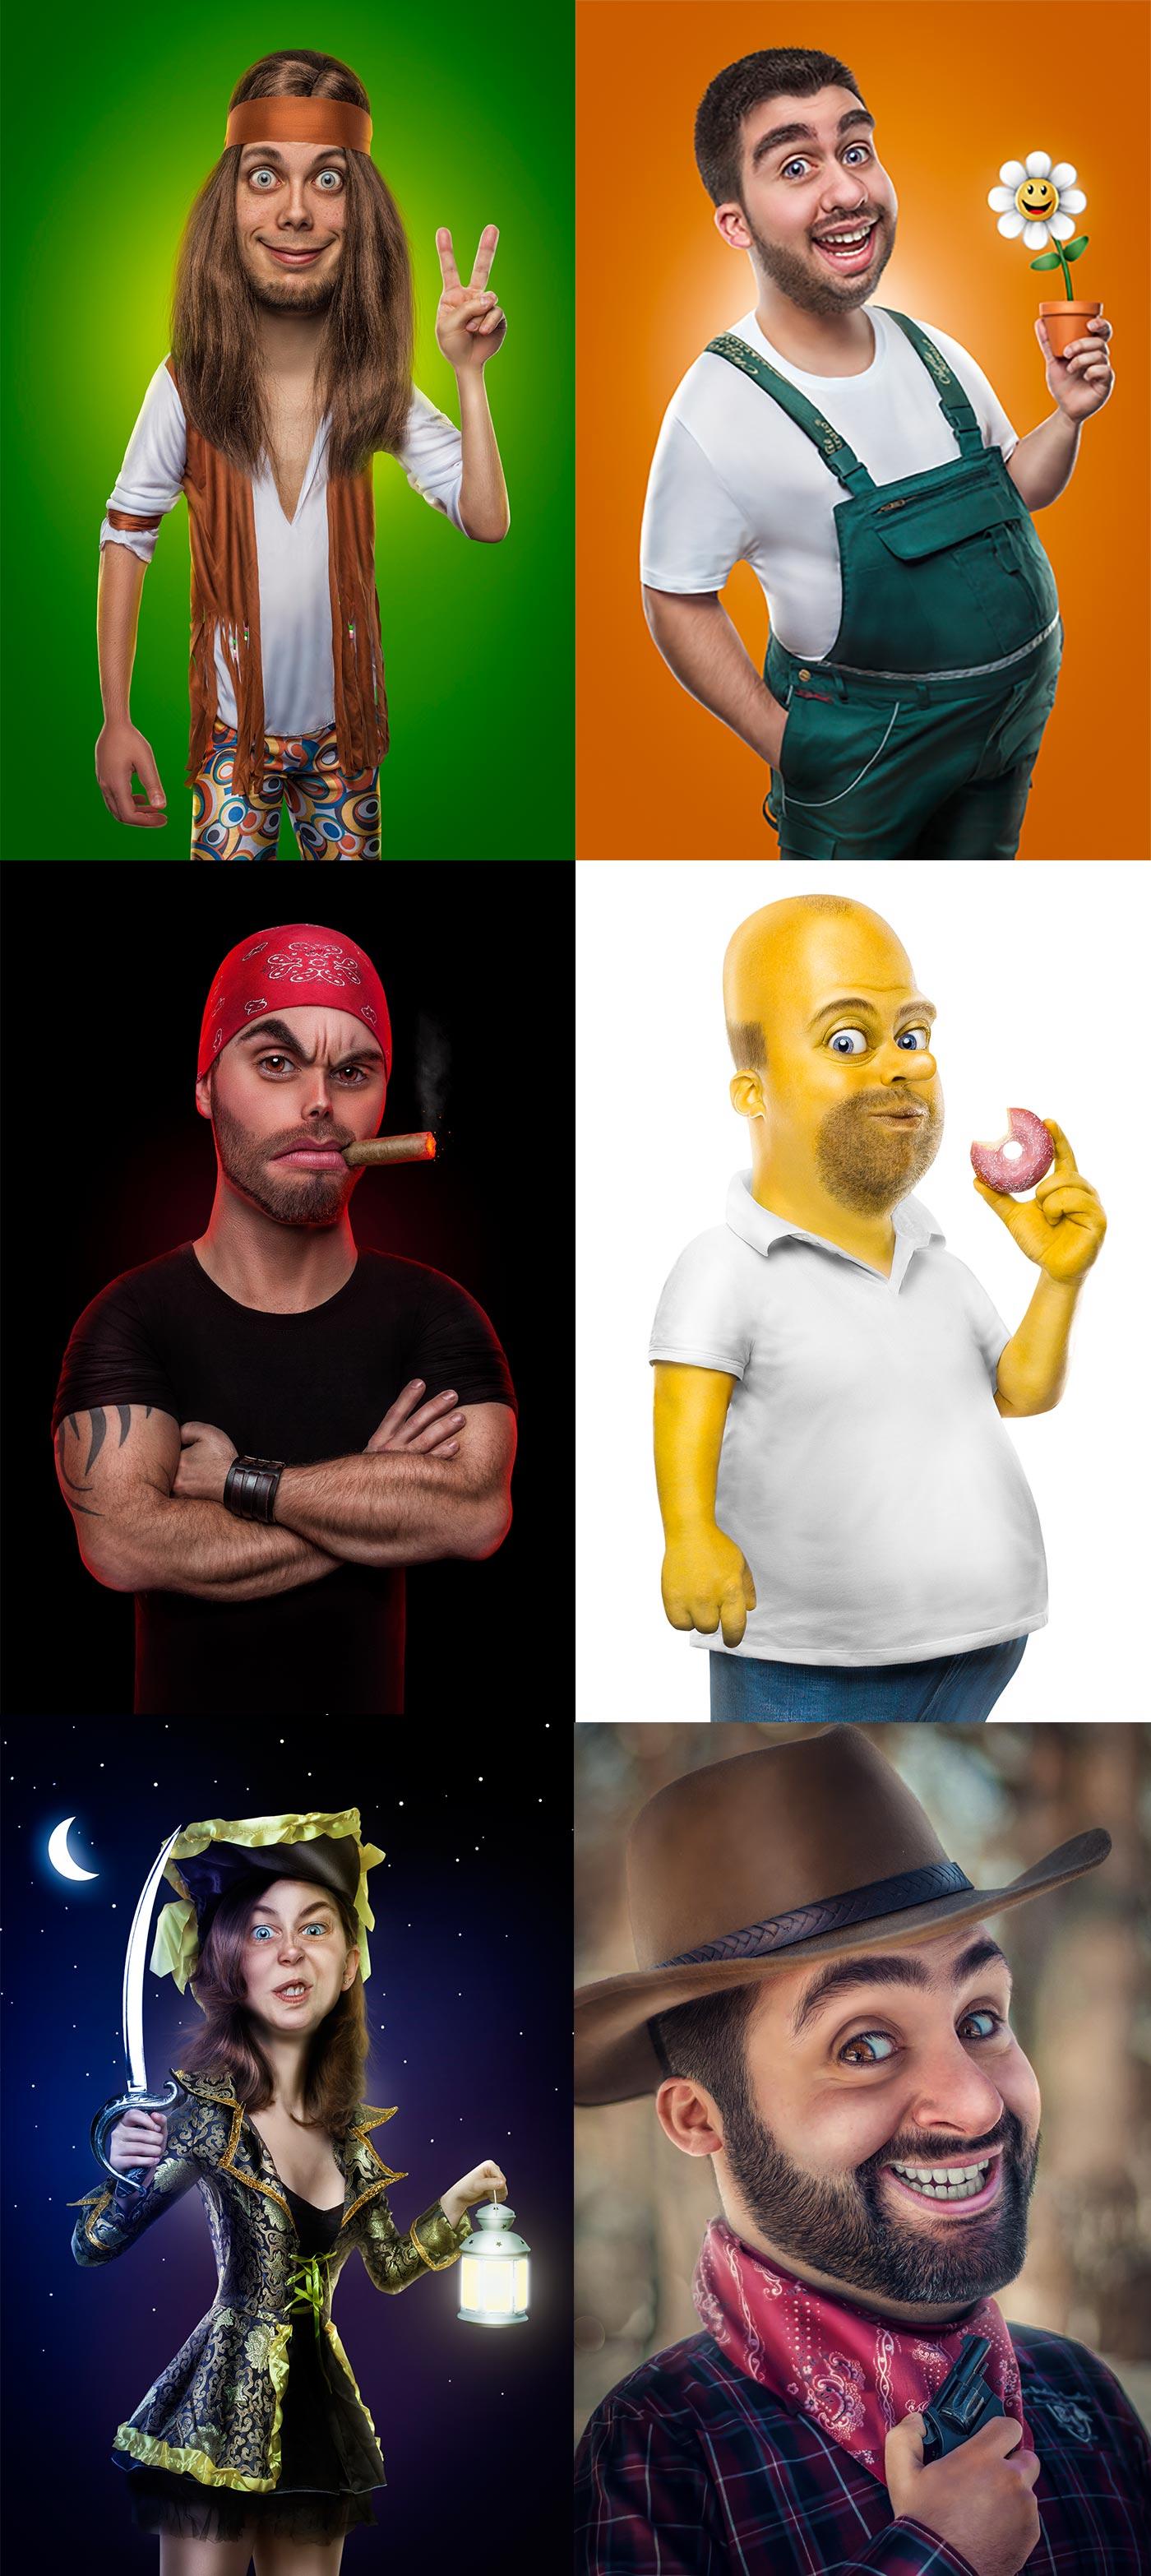 Verschiedene Personen, die mittels Photoshop verfremdet wurden und in einem Comic-Style dargestellt werden.